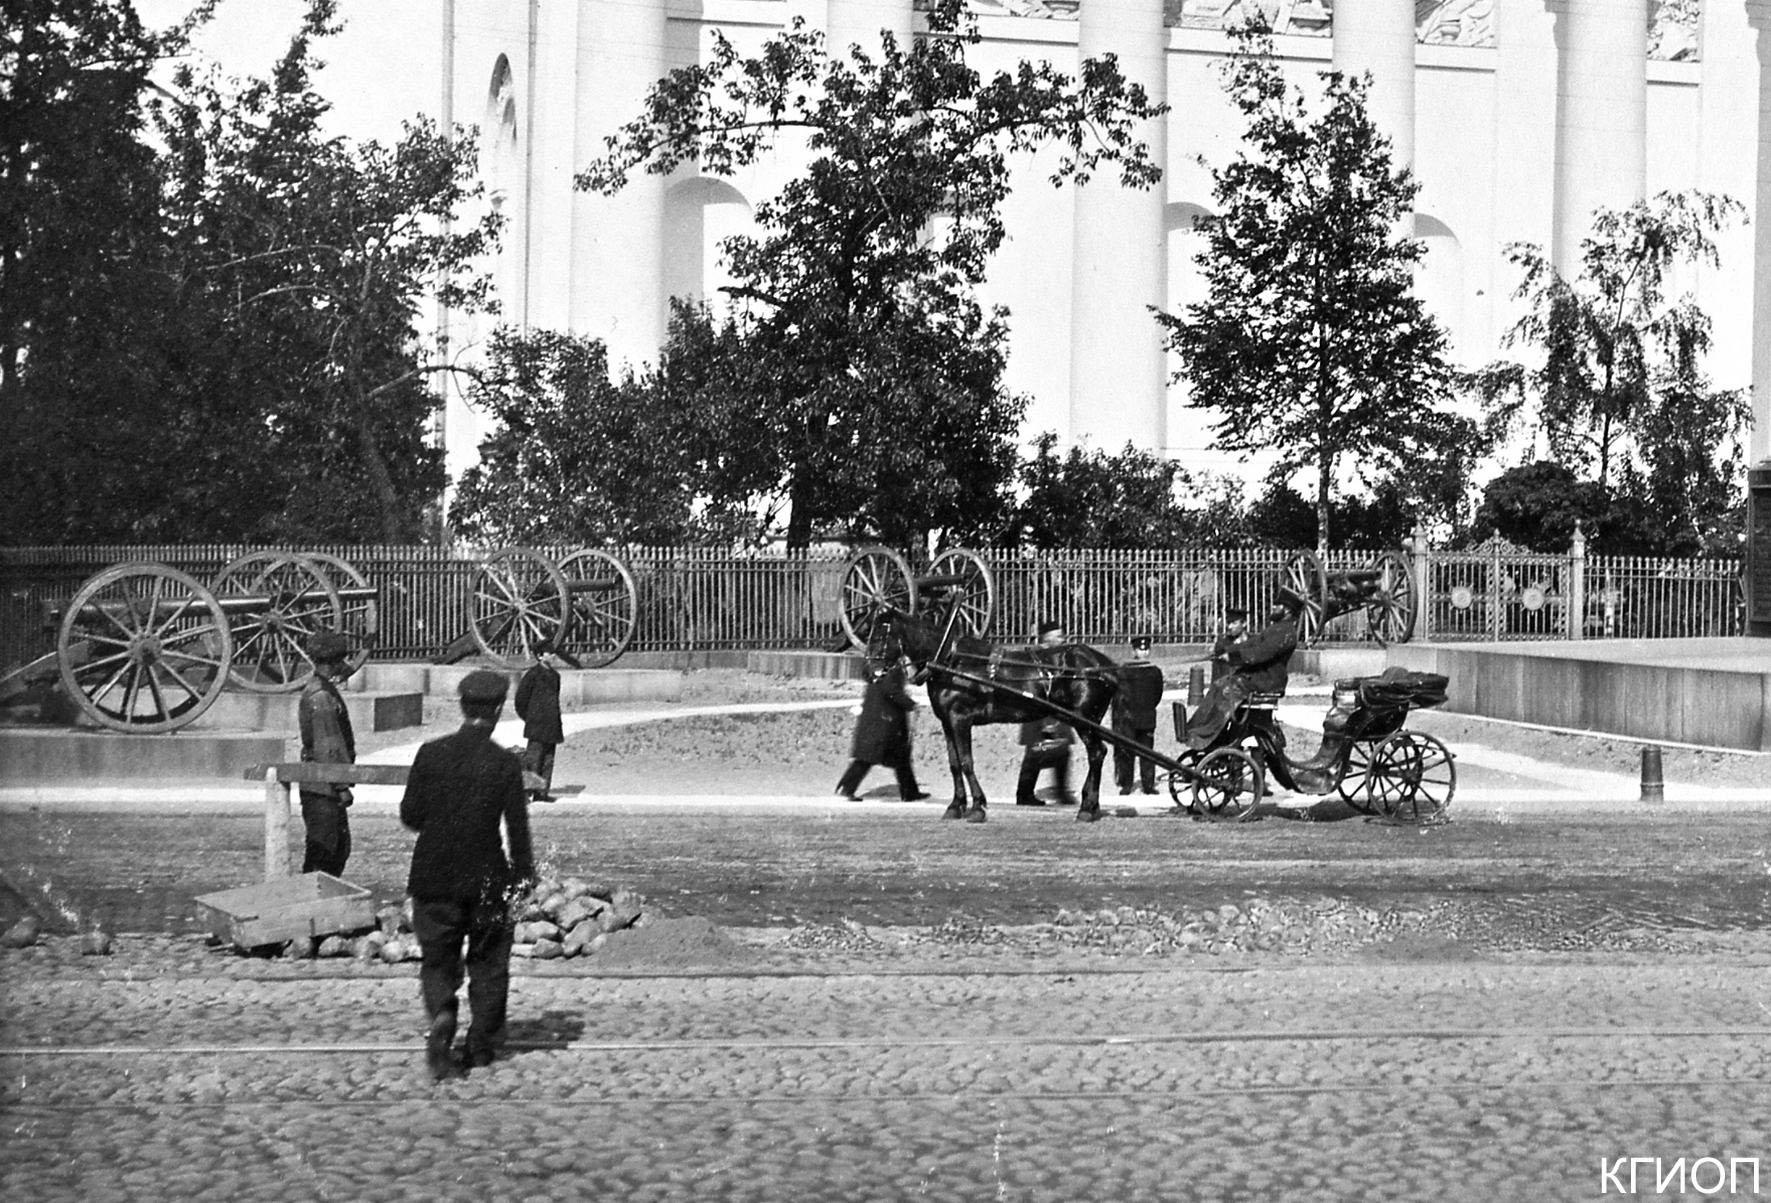 04. Пушки вокруг колонны.1900-е годы